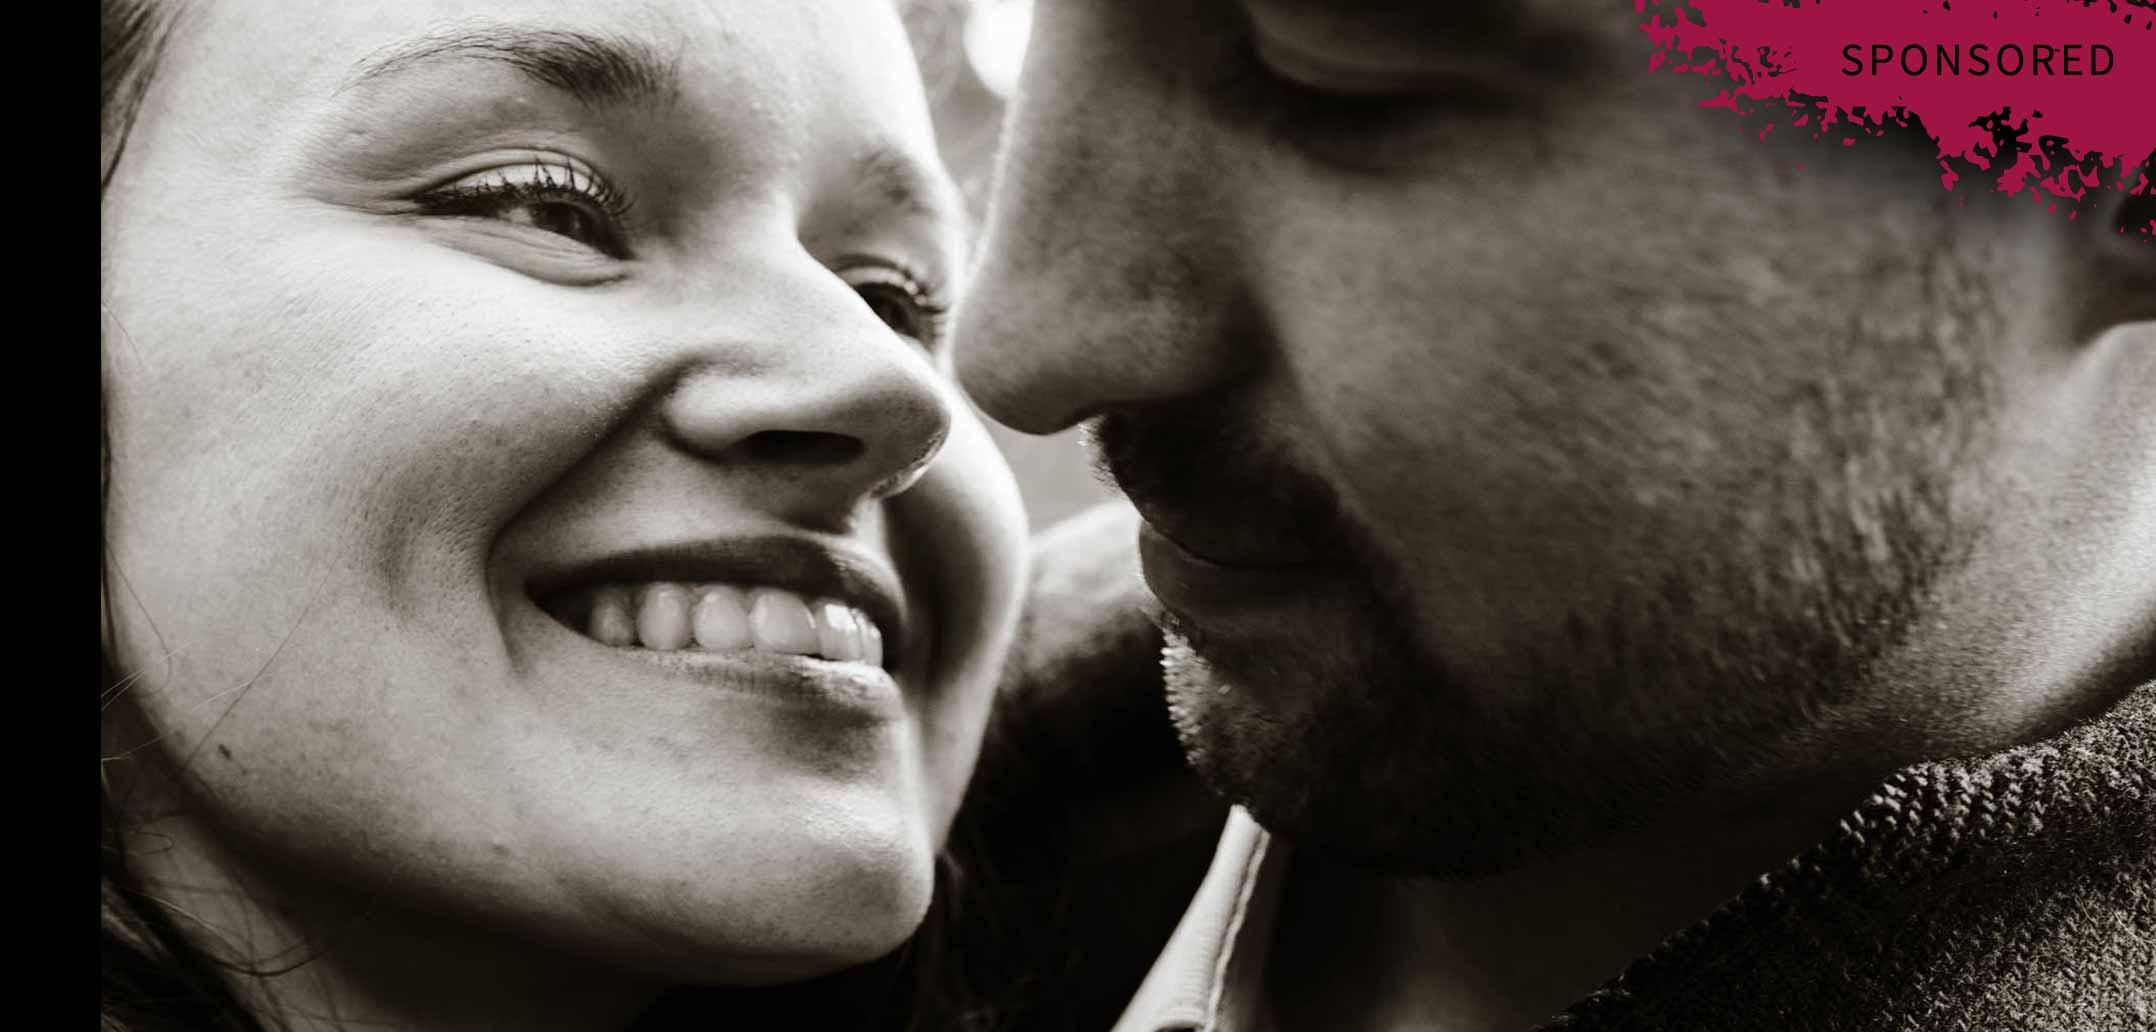 Lächeln ist wichtig für die Beziehung